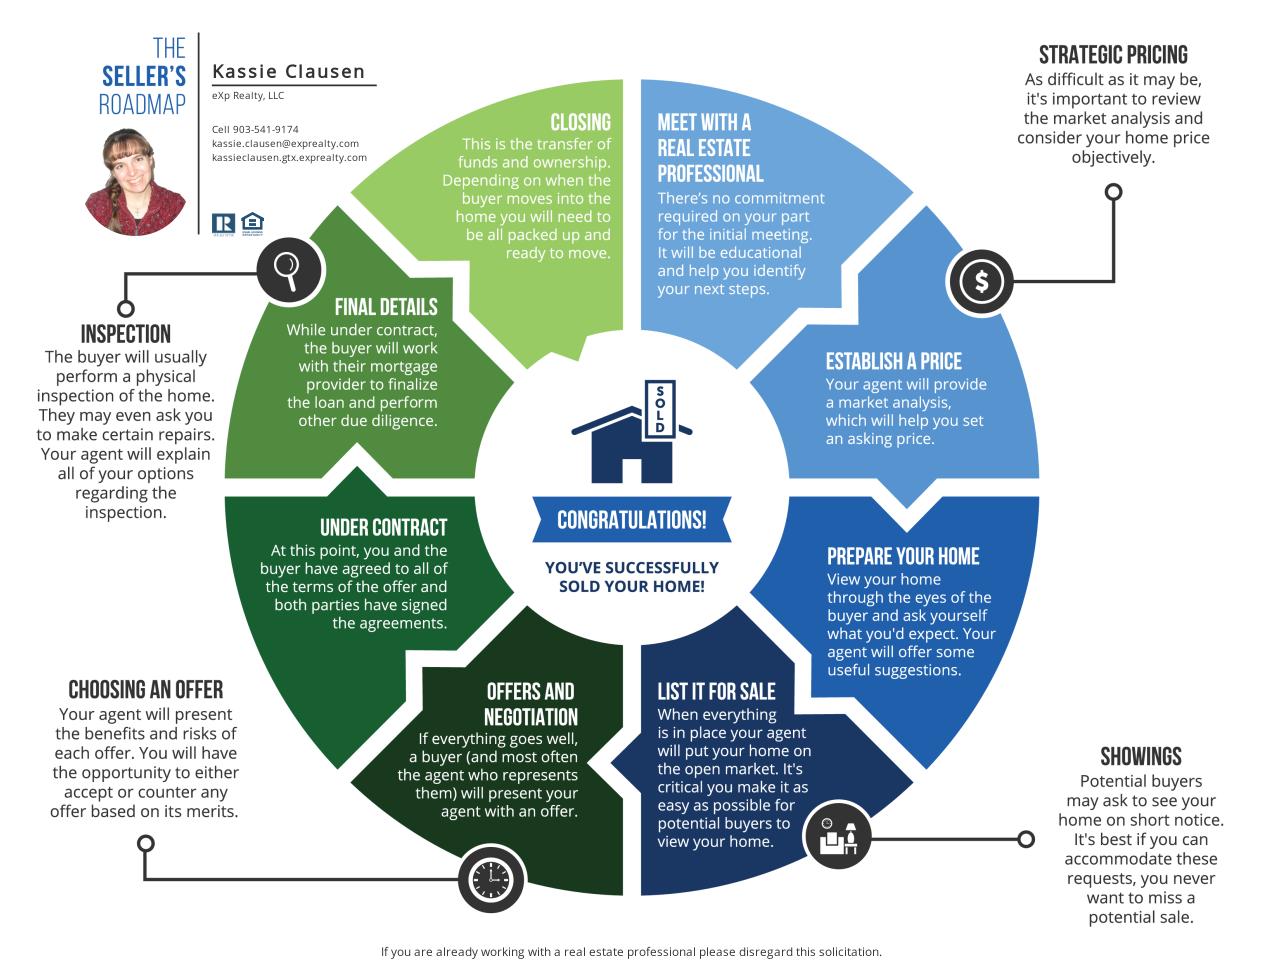 The Seller's Roadmap